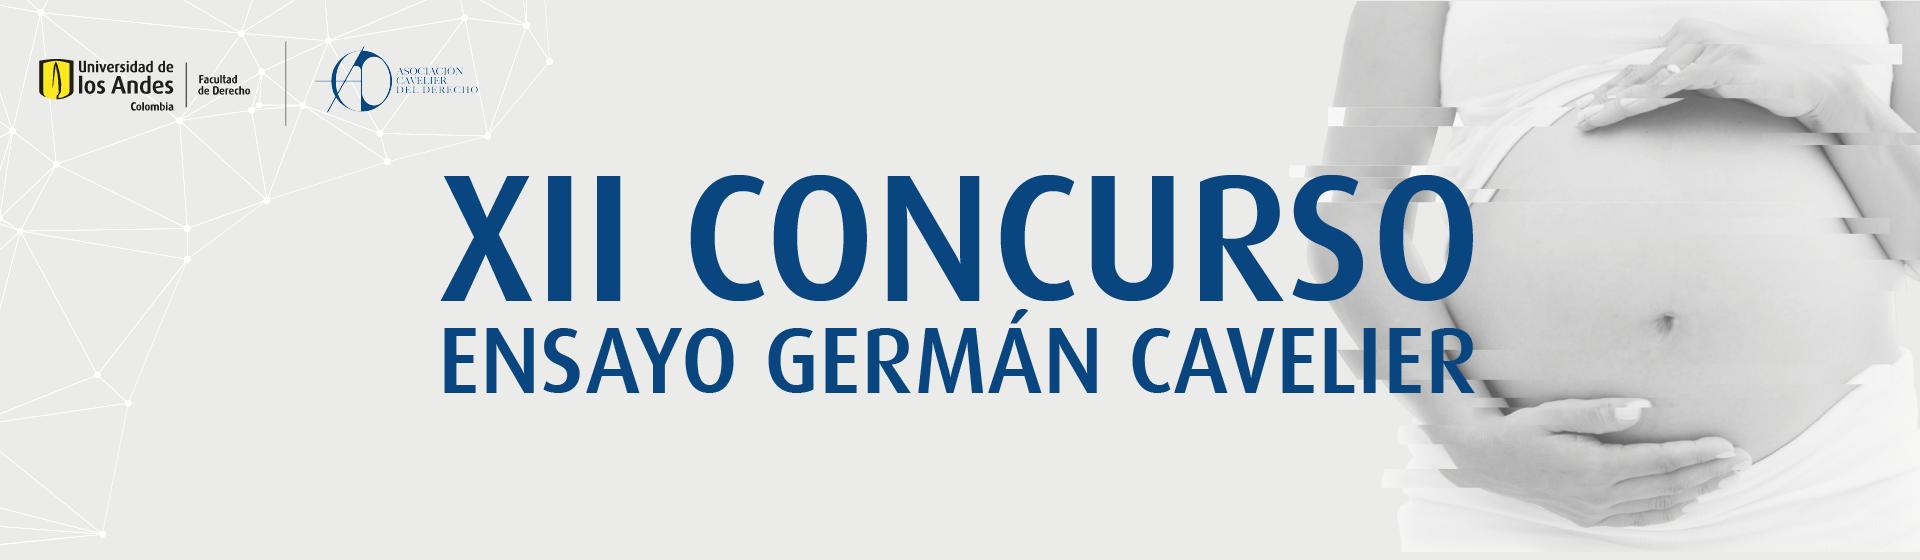 XII Concurso Ensayo Germán Cavelier | Uniandes